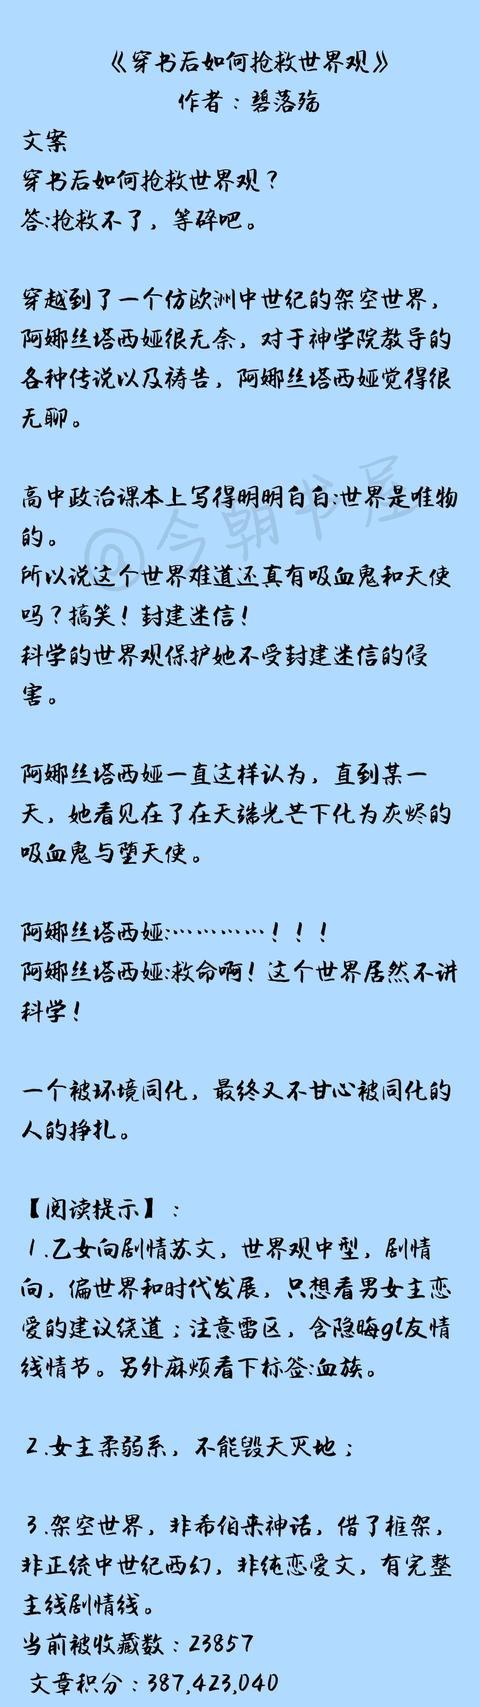 「晉江完結金榜」之玄幻言情推文篇 男女主另類反差萌~ - 每日頭條